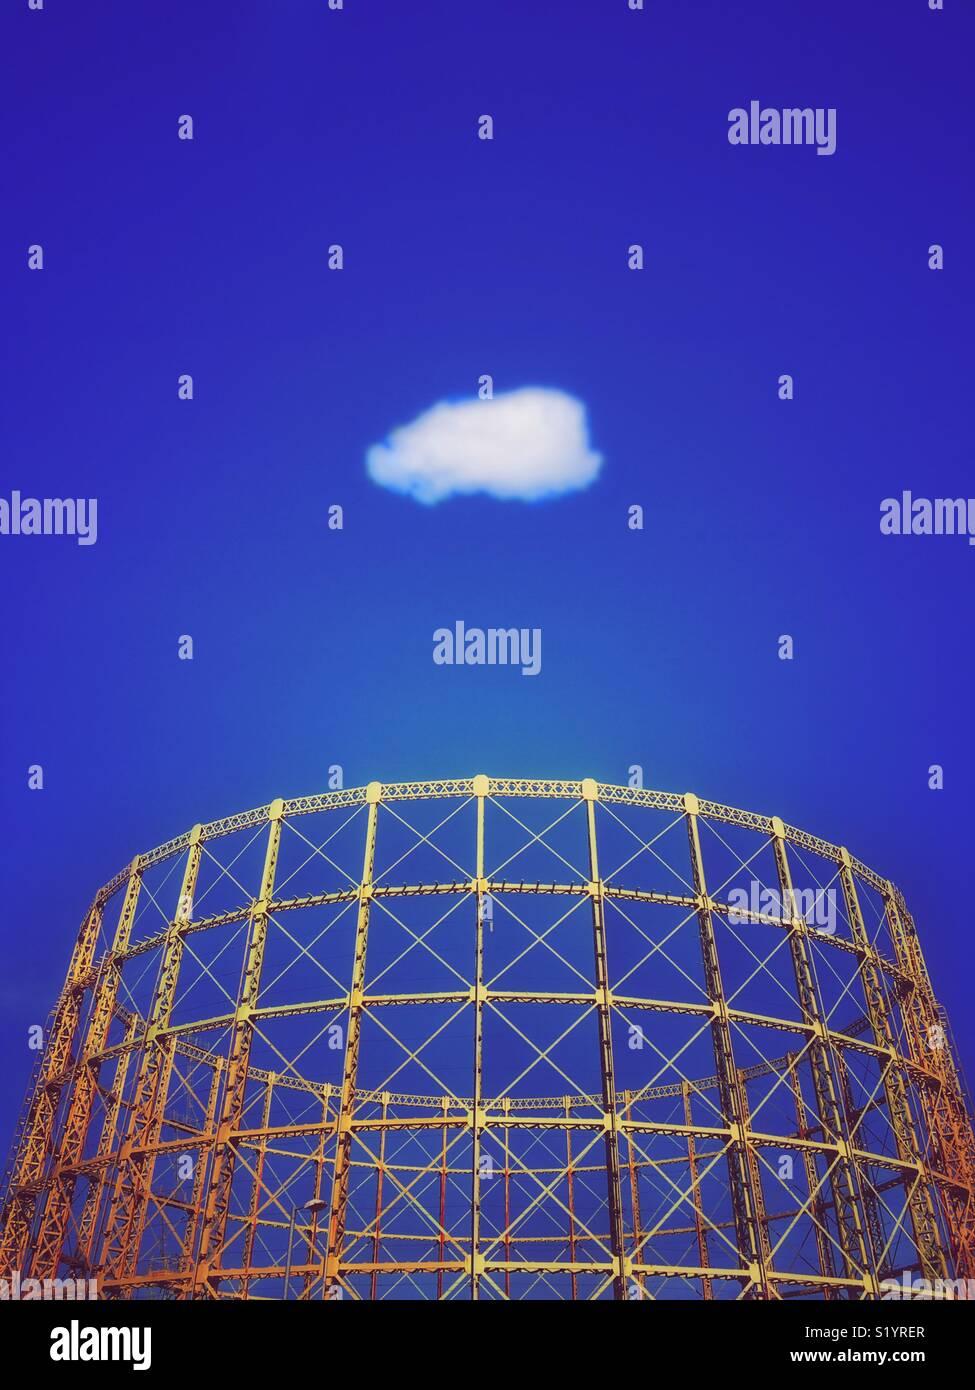 Gasómetro estructura contra un vívido cielo azul con nubes blancas solitario Imagen De Stock